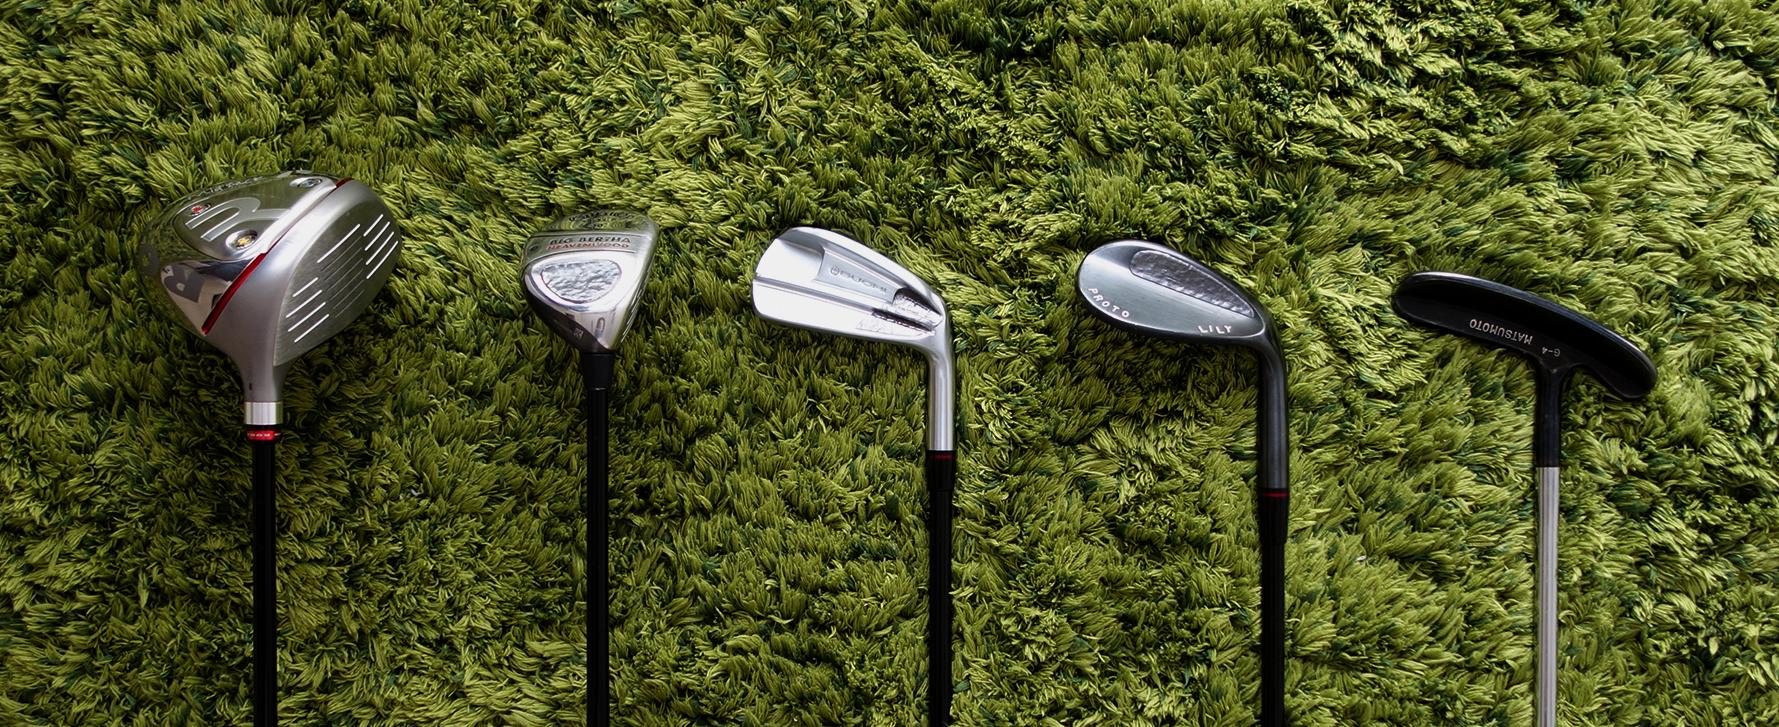 ゴルフクラブ5本セッティング